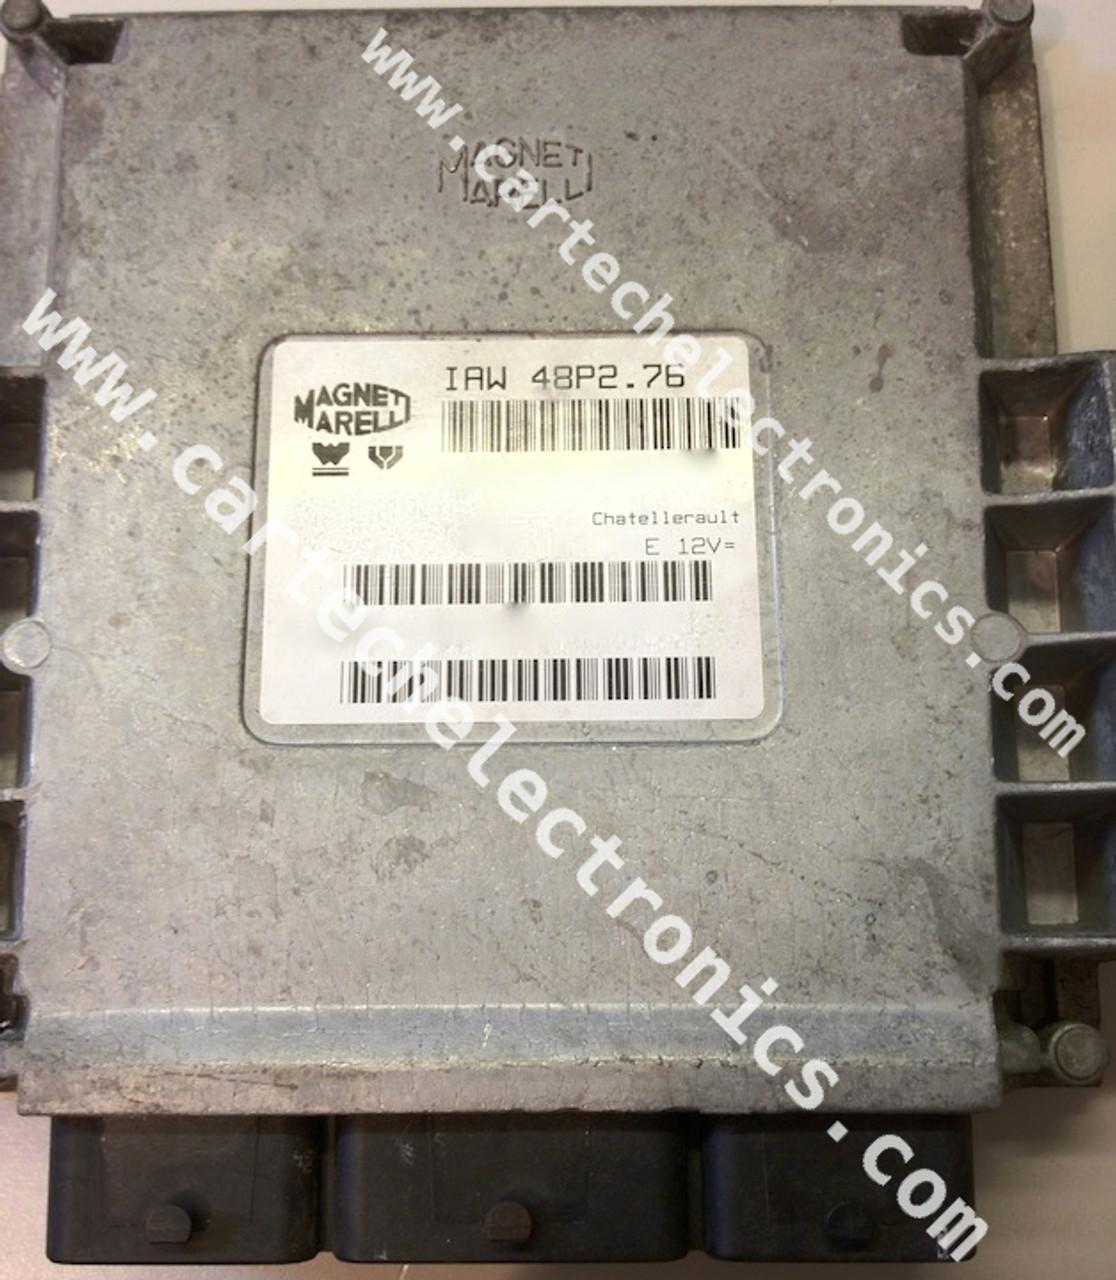 Plug & Play Engine ECU Magneti Marelli IAW 48p2.76